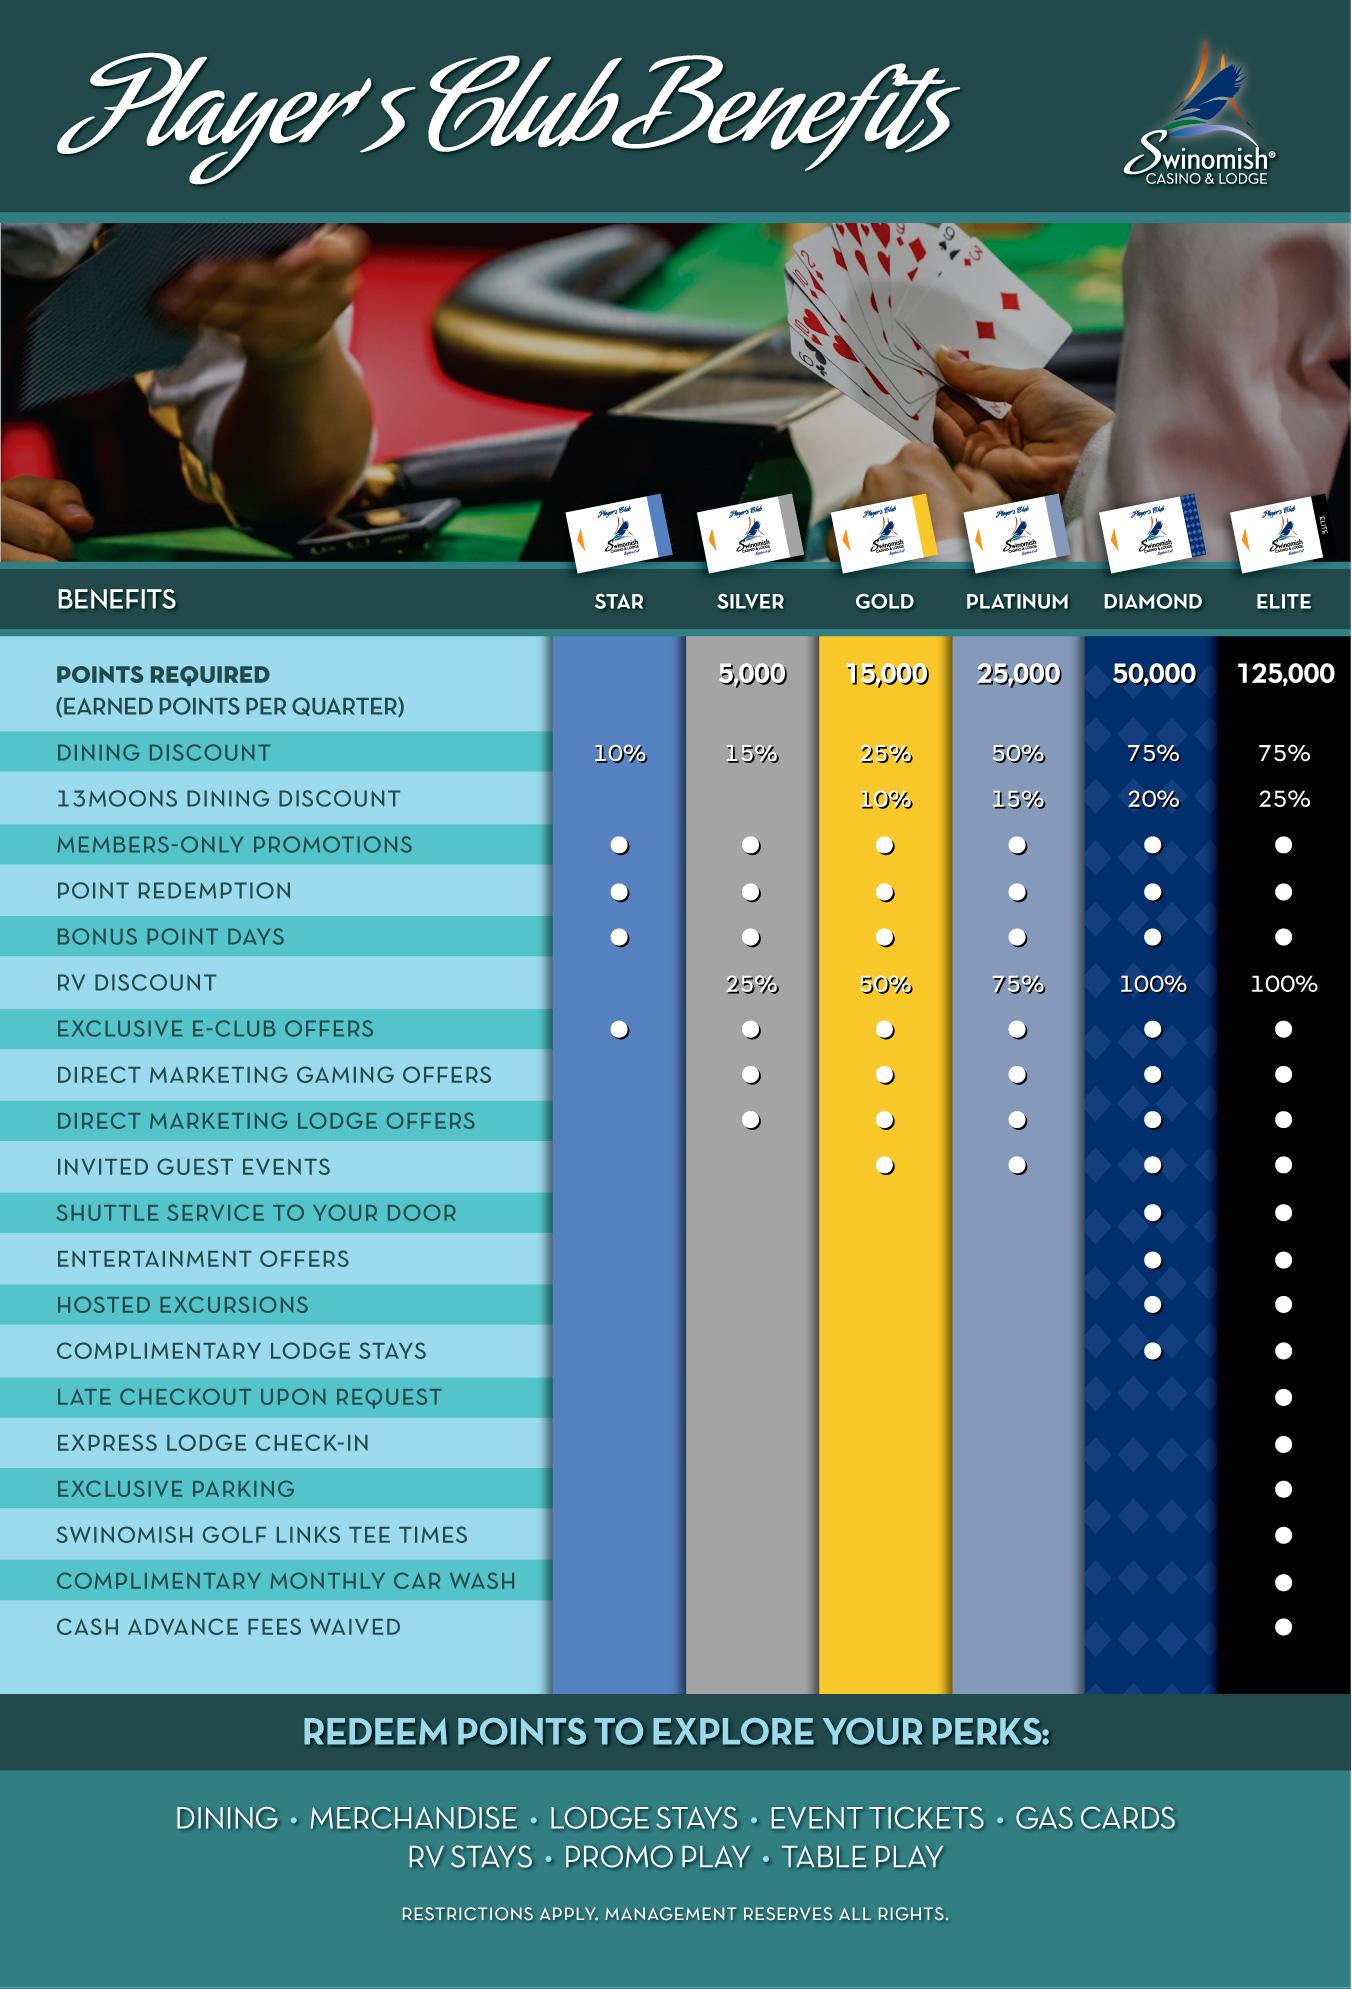 players-club-benefits-swinomish-casino-and-lodge